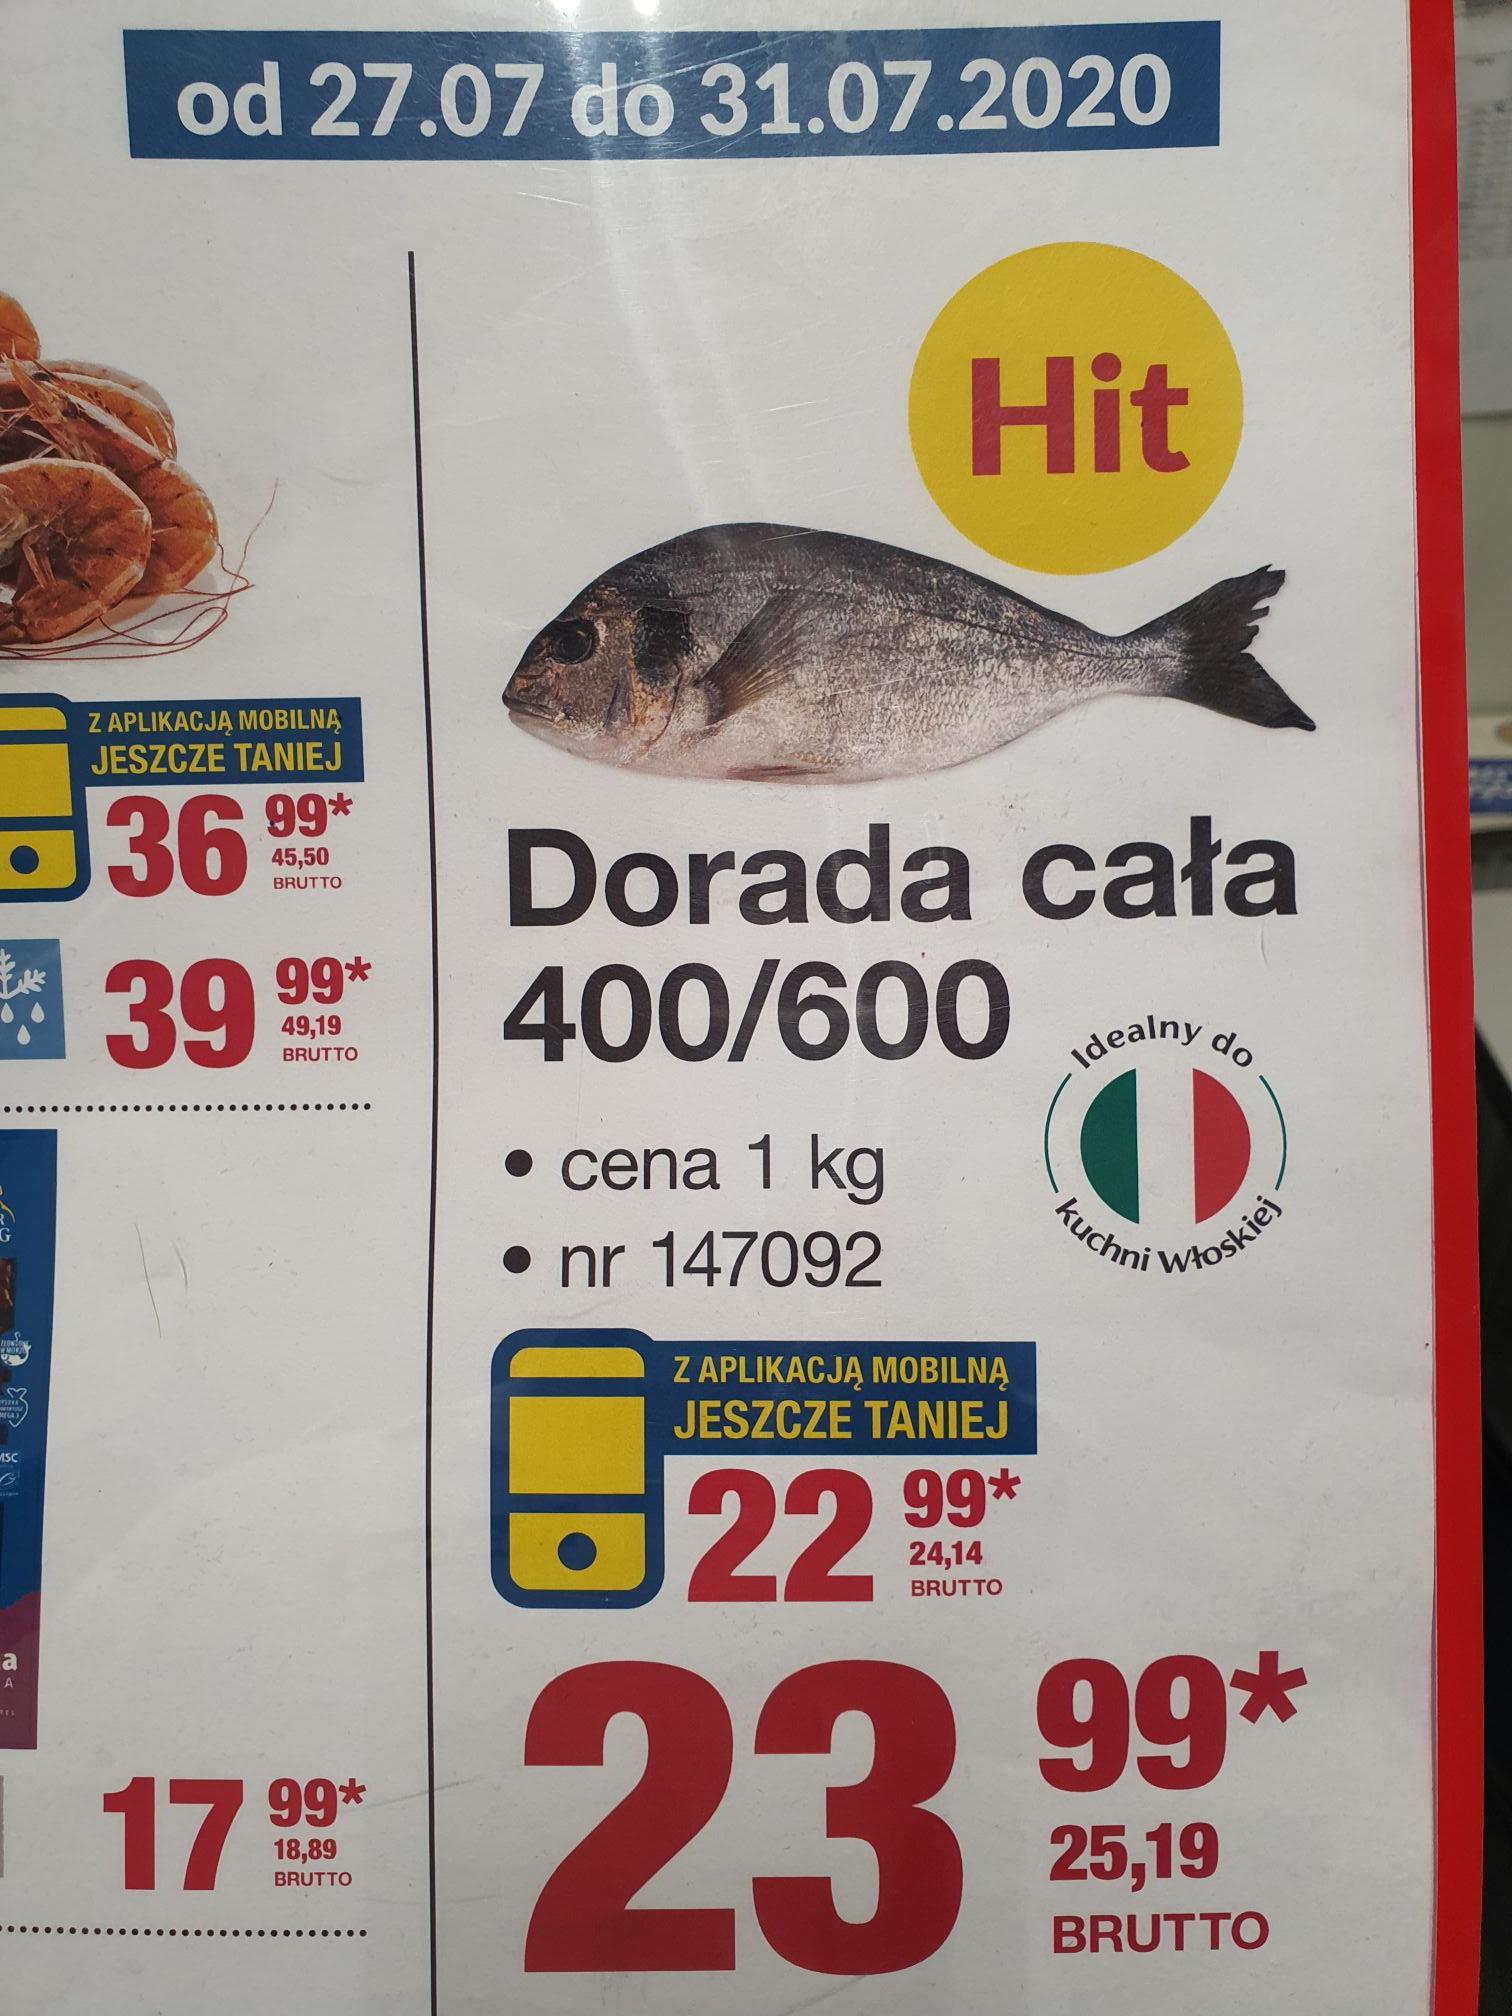 Dorada - świeża ryba - Chorwacja MAKRO